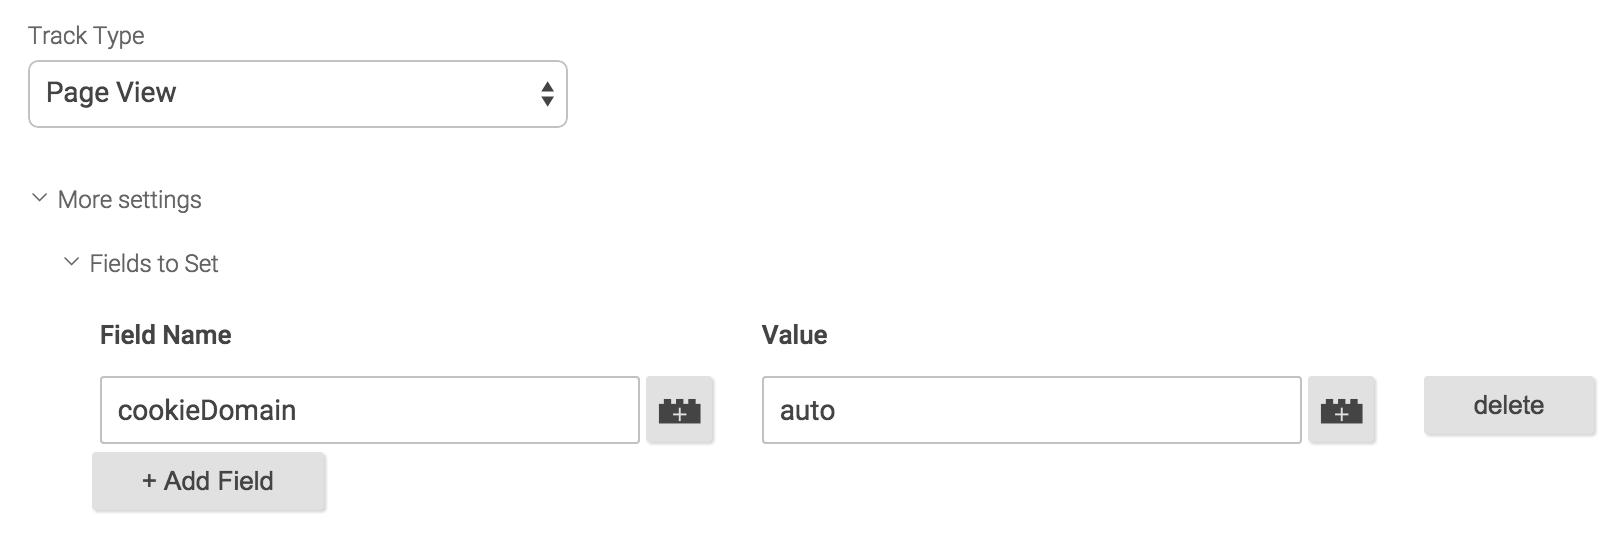 添加新字段cookieDomain为auto